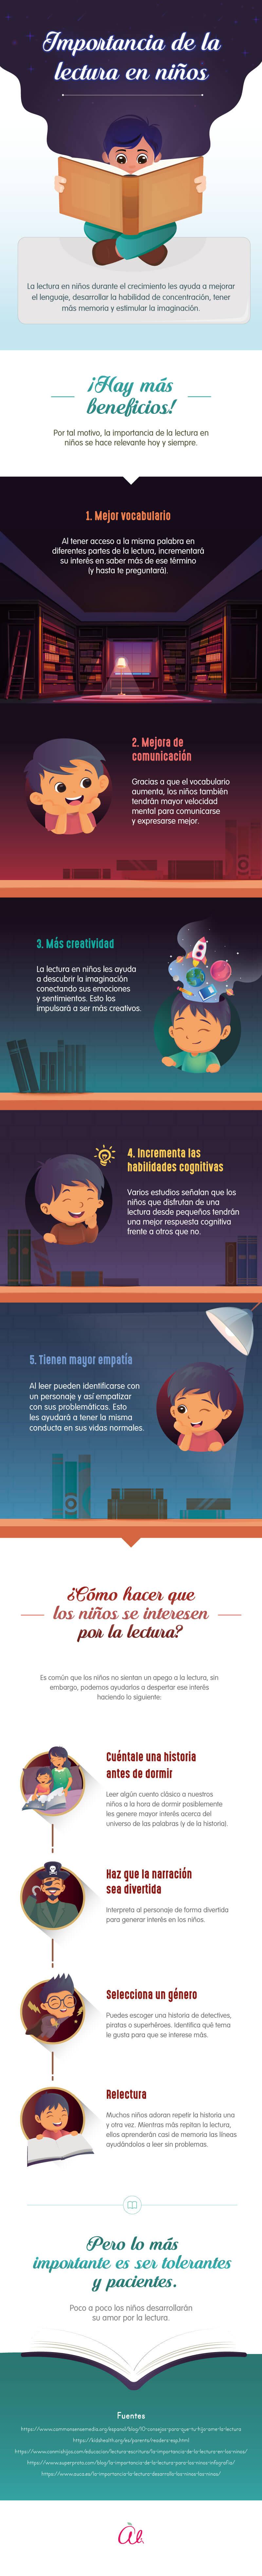 Importancia de la lectura en ninos